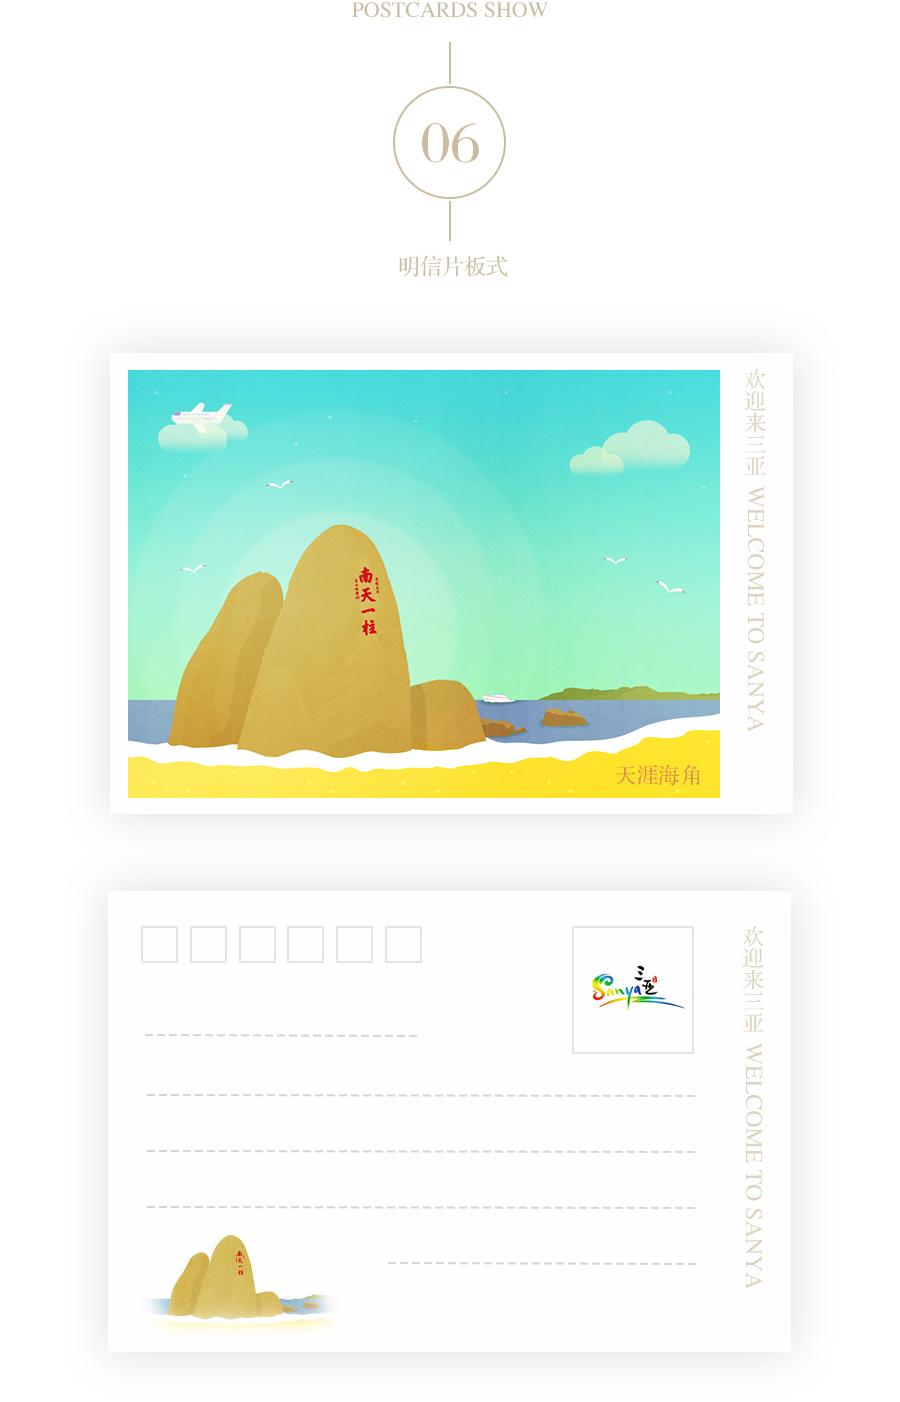 查看《《忆▪三亚》风景设计》原图,原图尺寸:900x1402